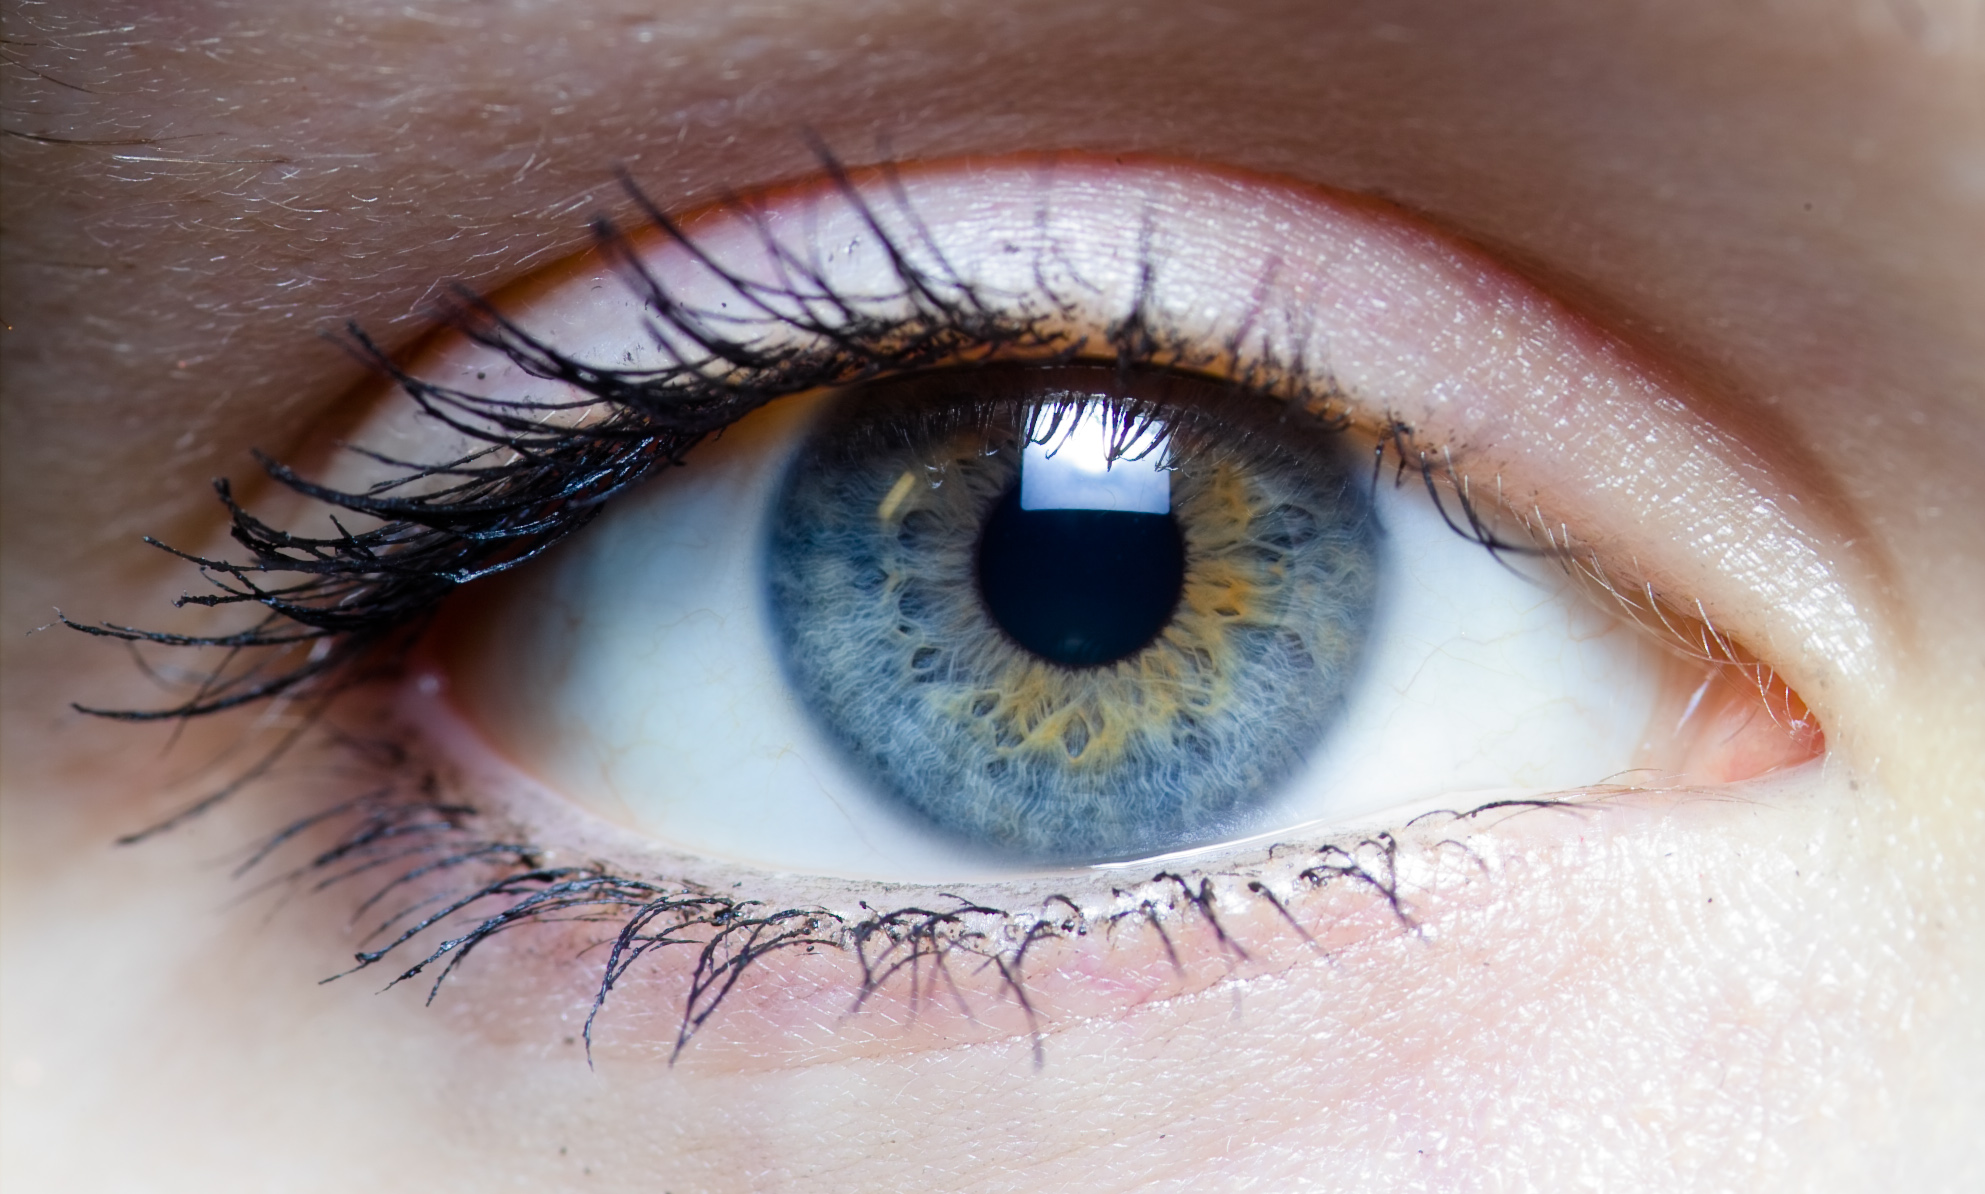 En øjenlågsoperation kan hjælpe dig